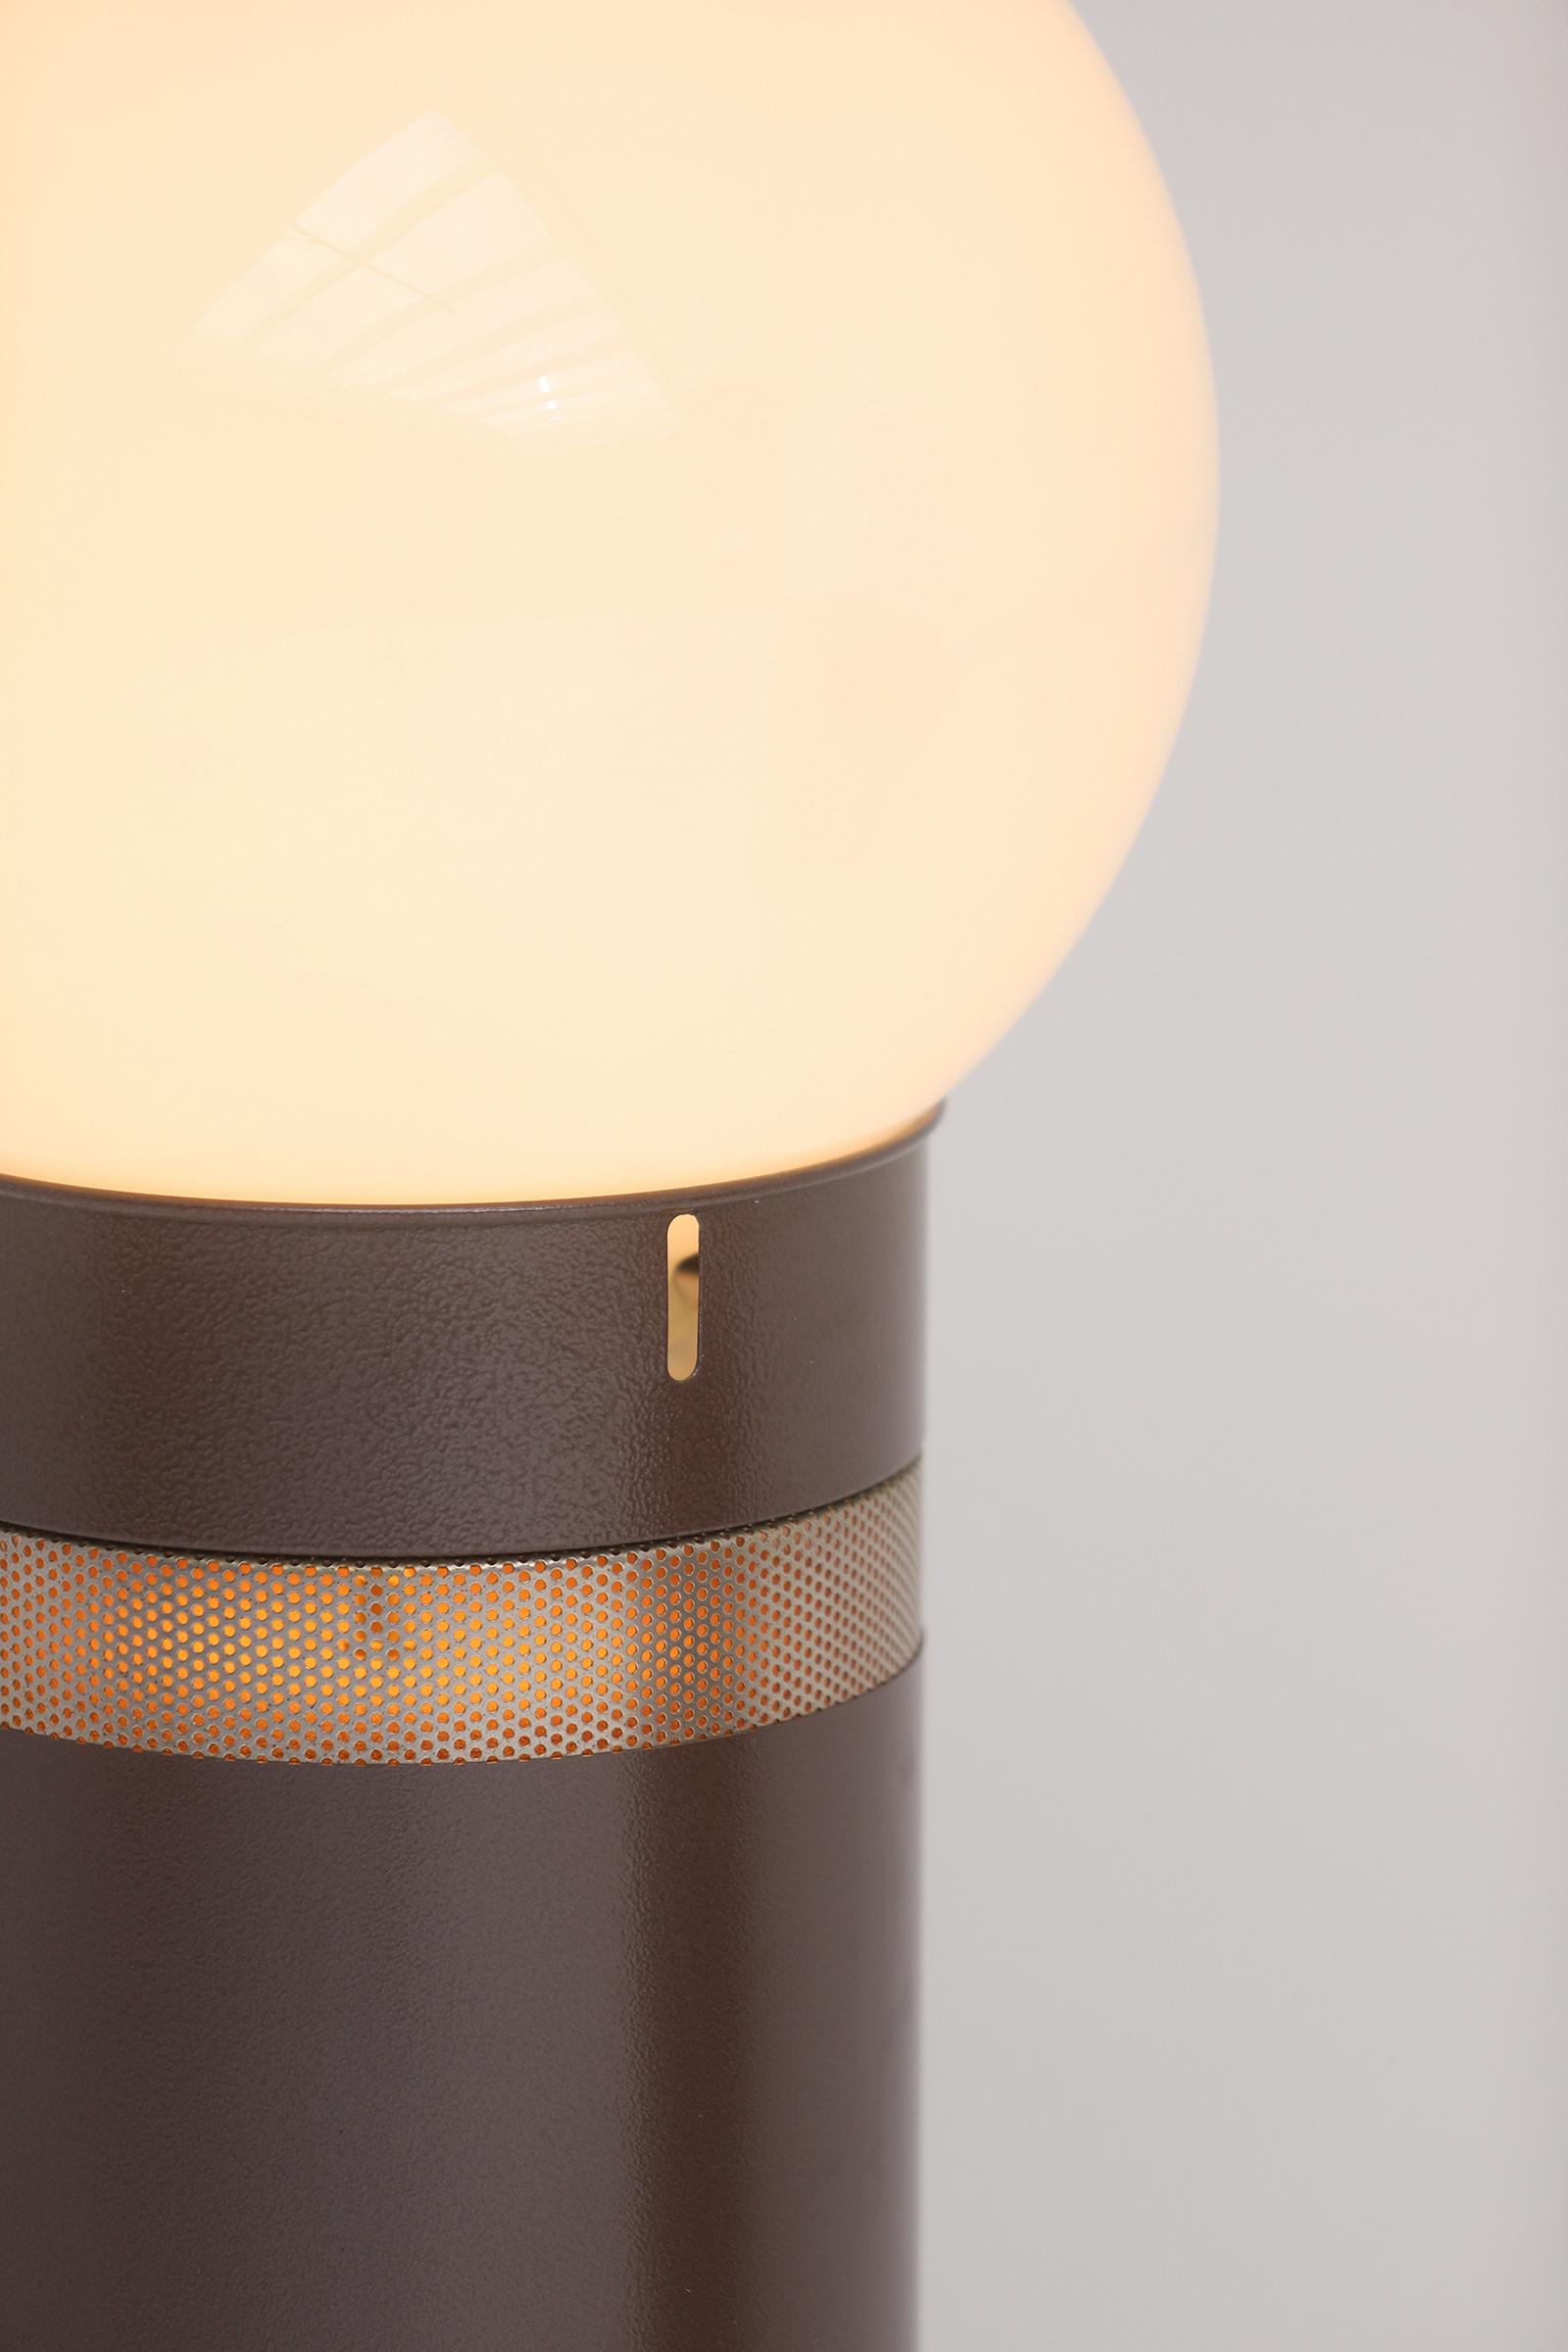 Gae Aulenti Oracle floor lamp for Artemideimage 5